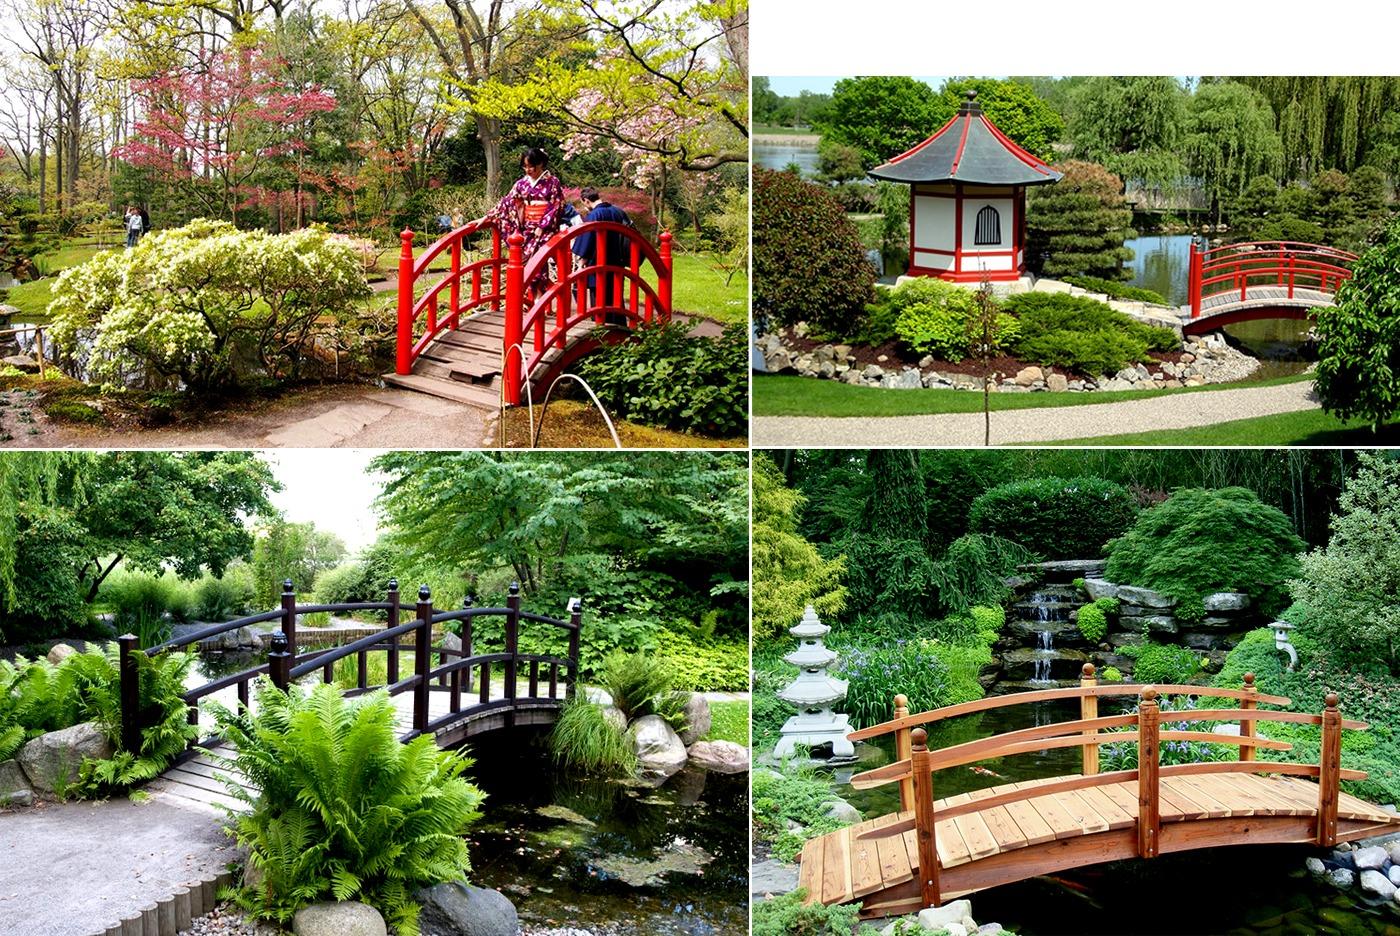 Cầu gỗ sử dụng trong phong cách sân vườn Nhật Bản